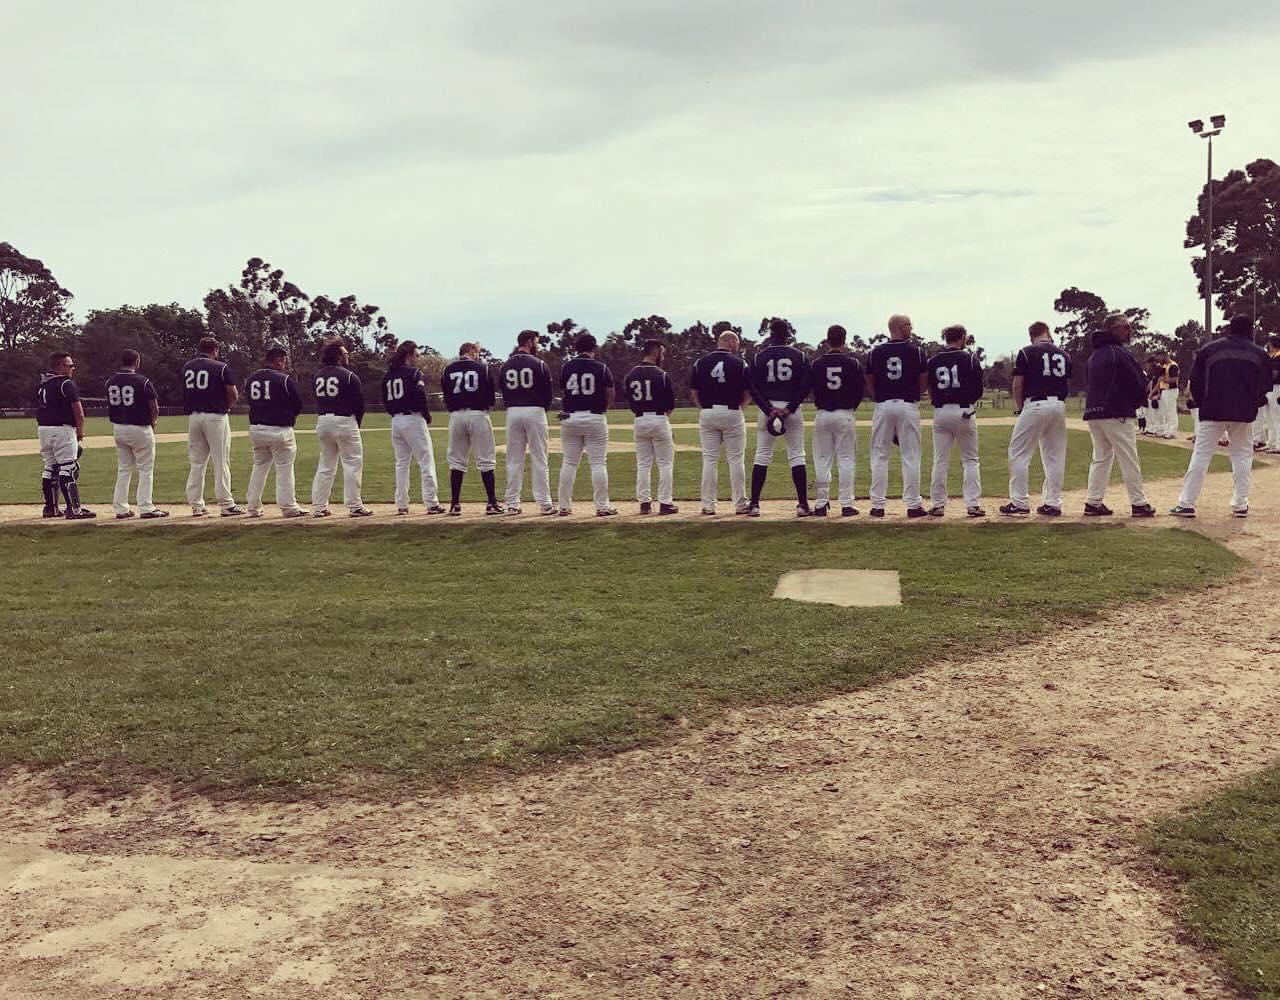 Werribee Giants Baseball Club